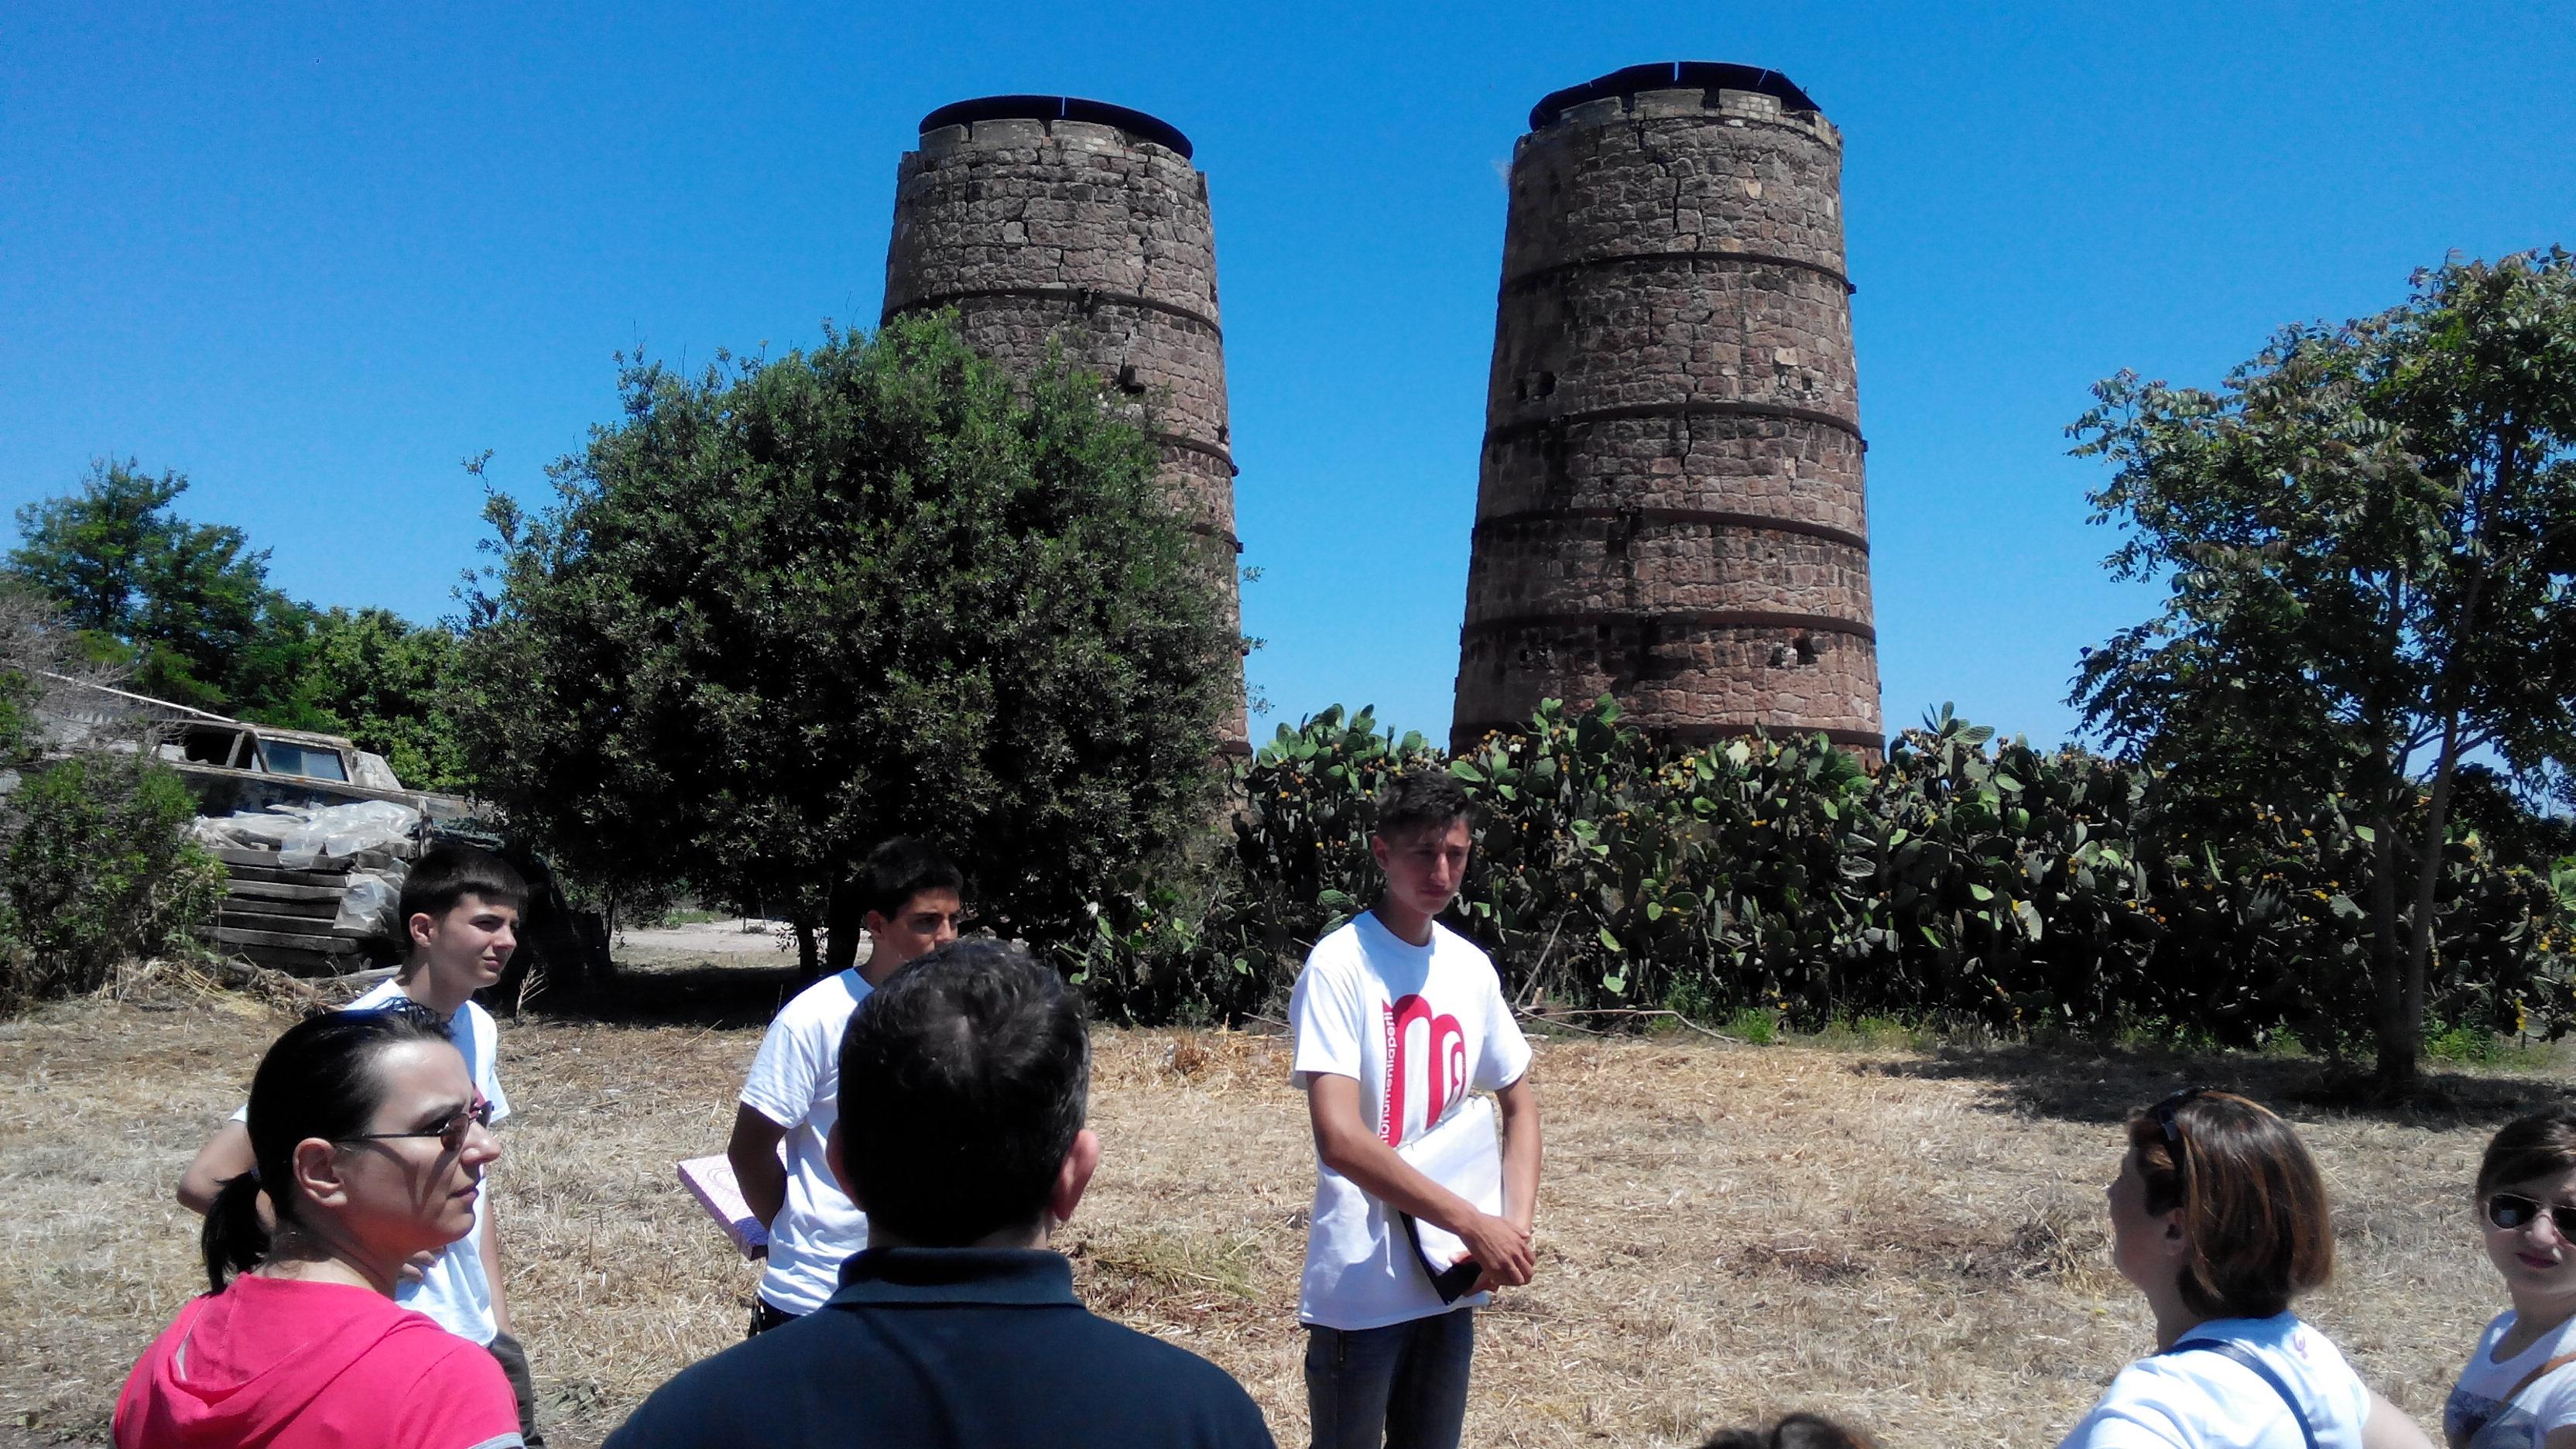 Monumenti aperti a Porto Torres il 16 e il 17 maggio 2015 l'evento didattico e culturale punta i riflettori sui tesori della città.